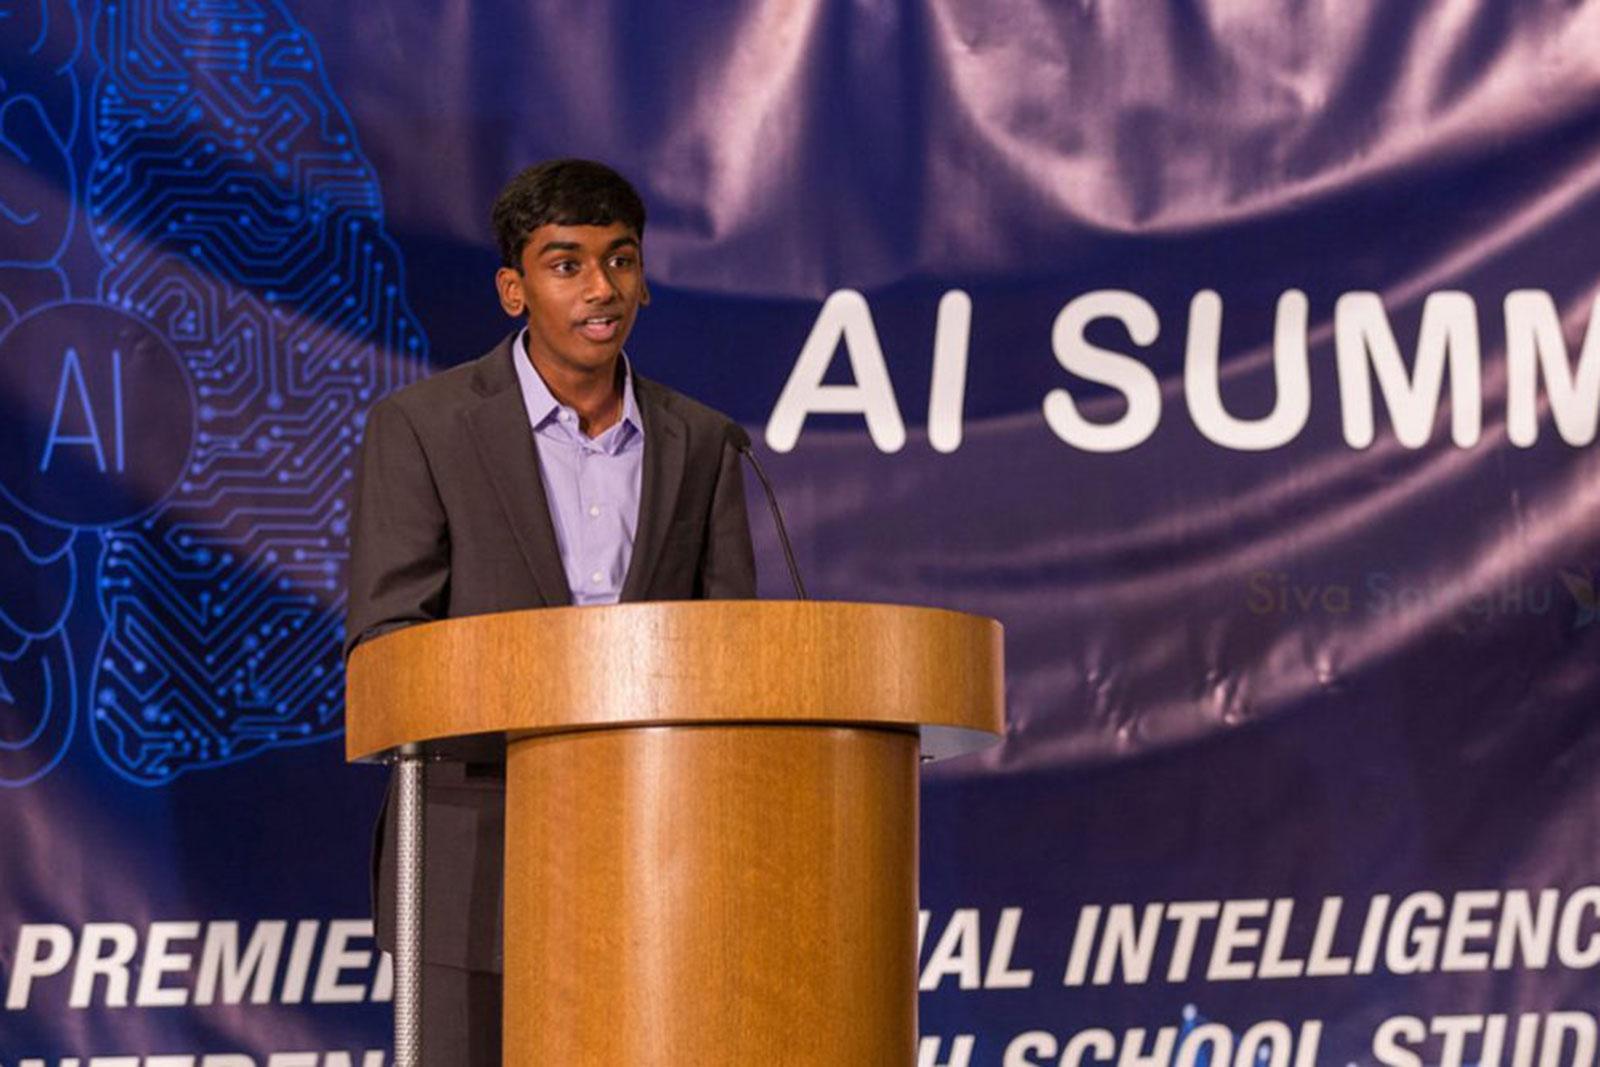 Nhà phát triển AI tuổi teen xây dựng công cụ phát hiện dấu hiệu sớm của bệnh não